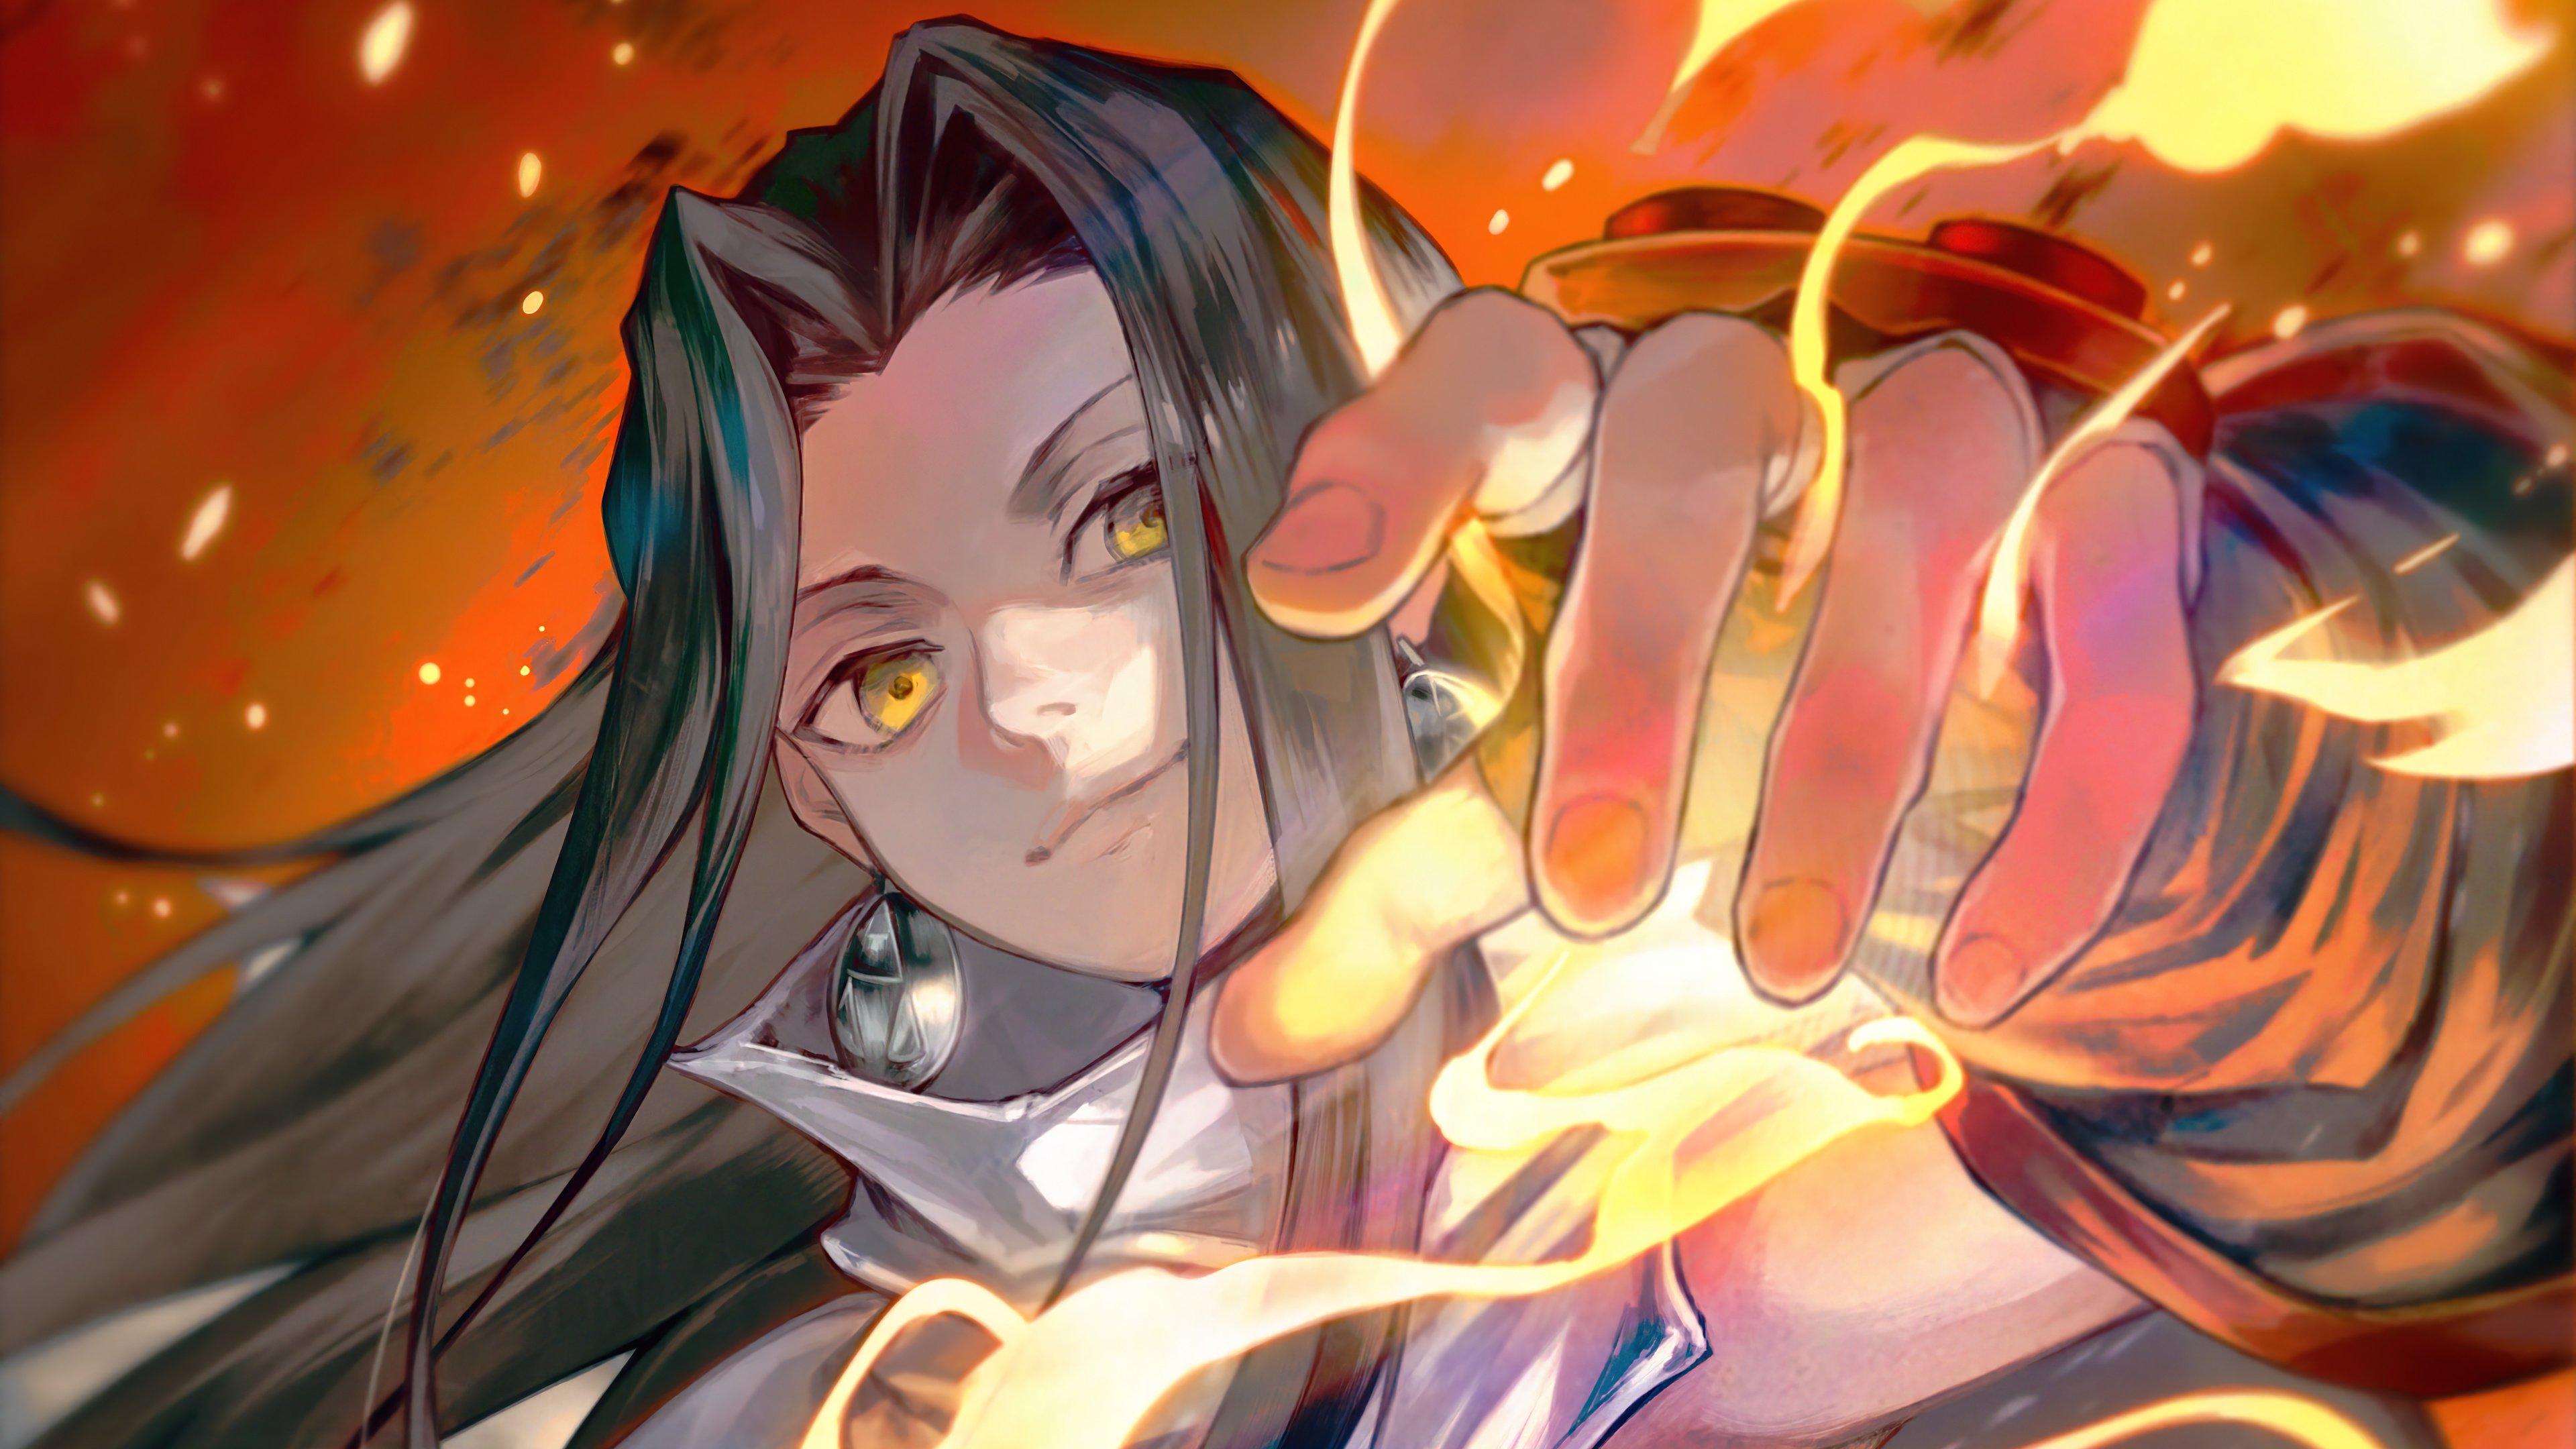 Fondos de pantalla Anime Hao Asakura Shaman King